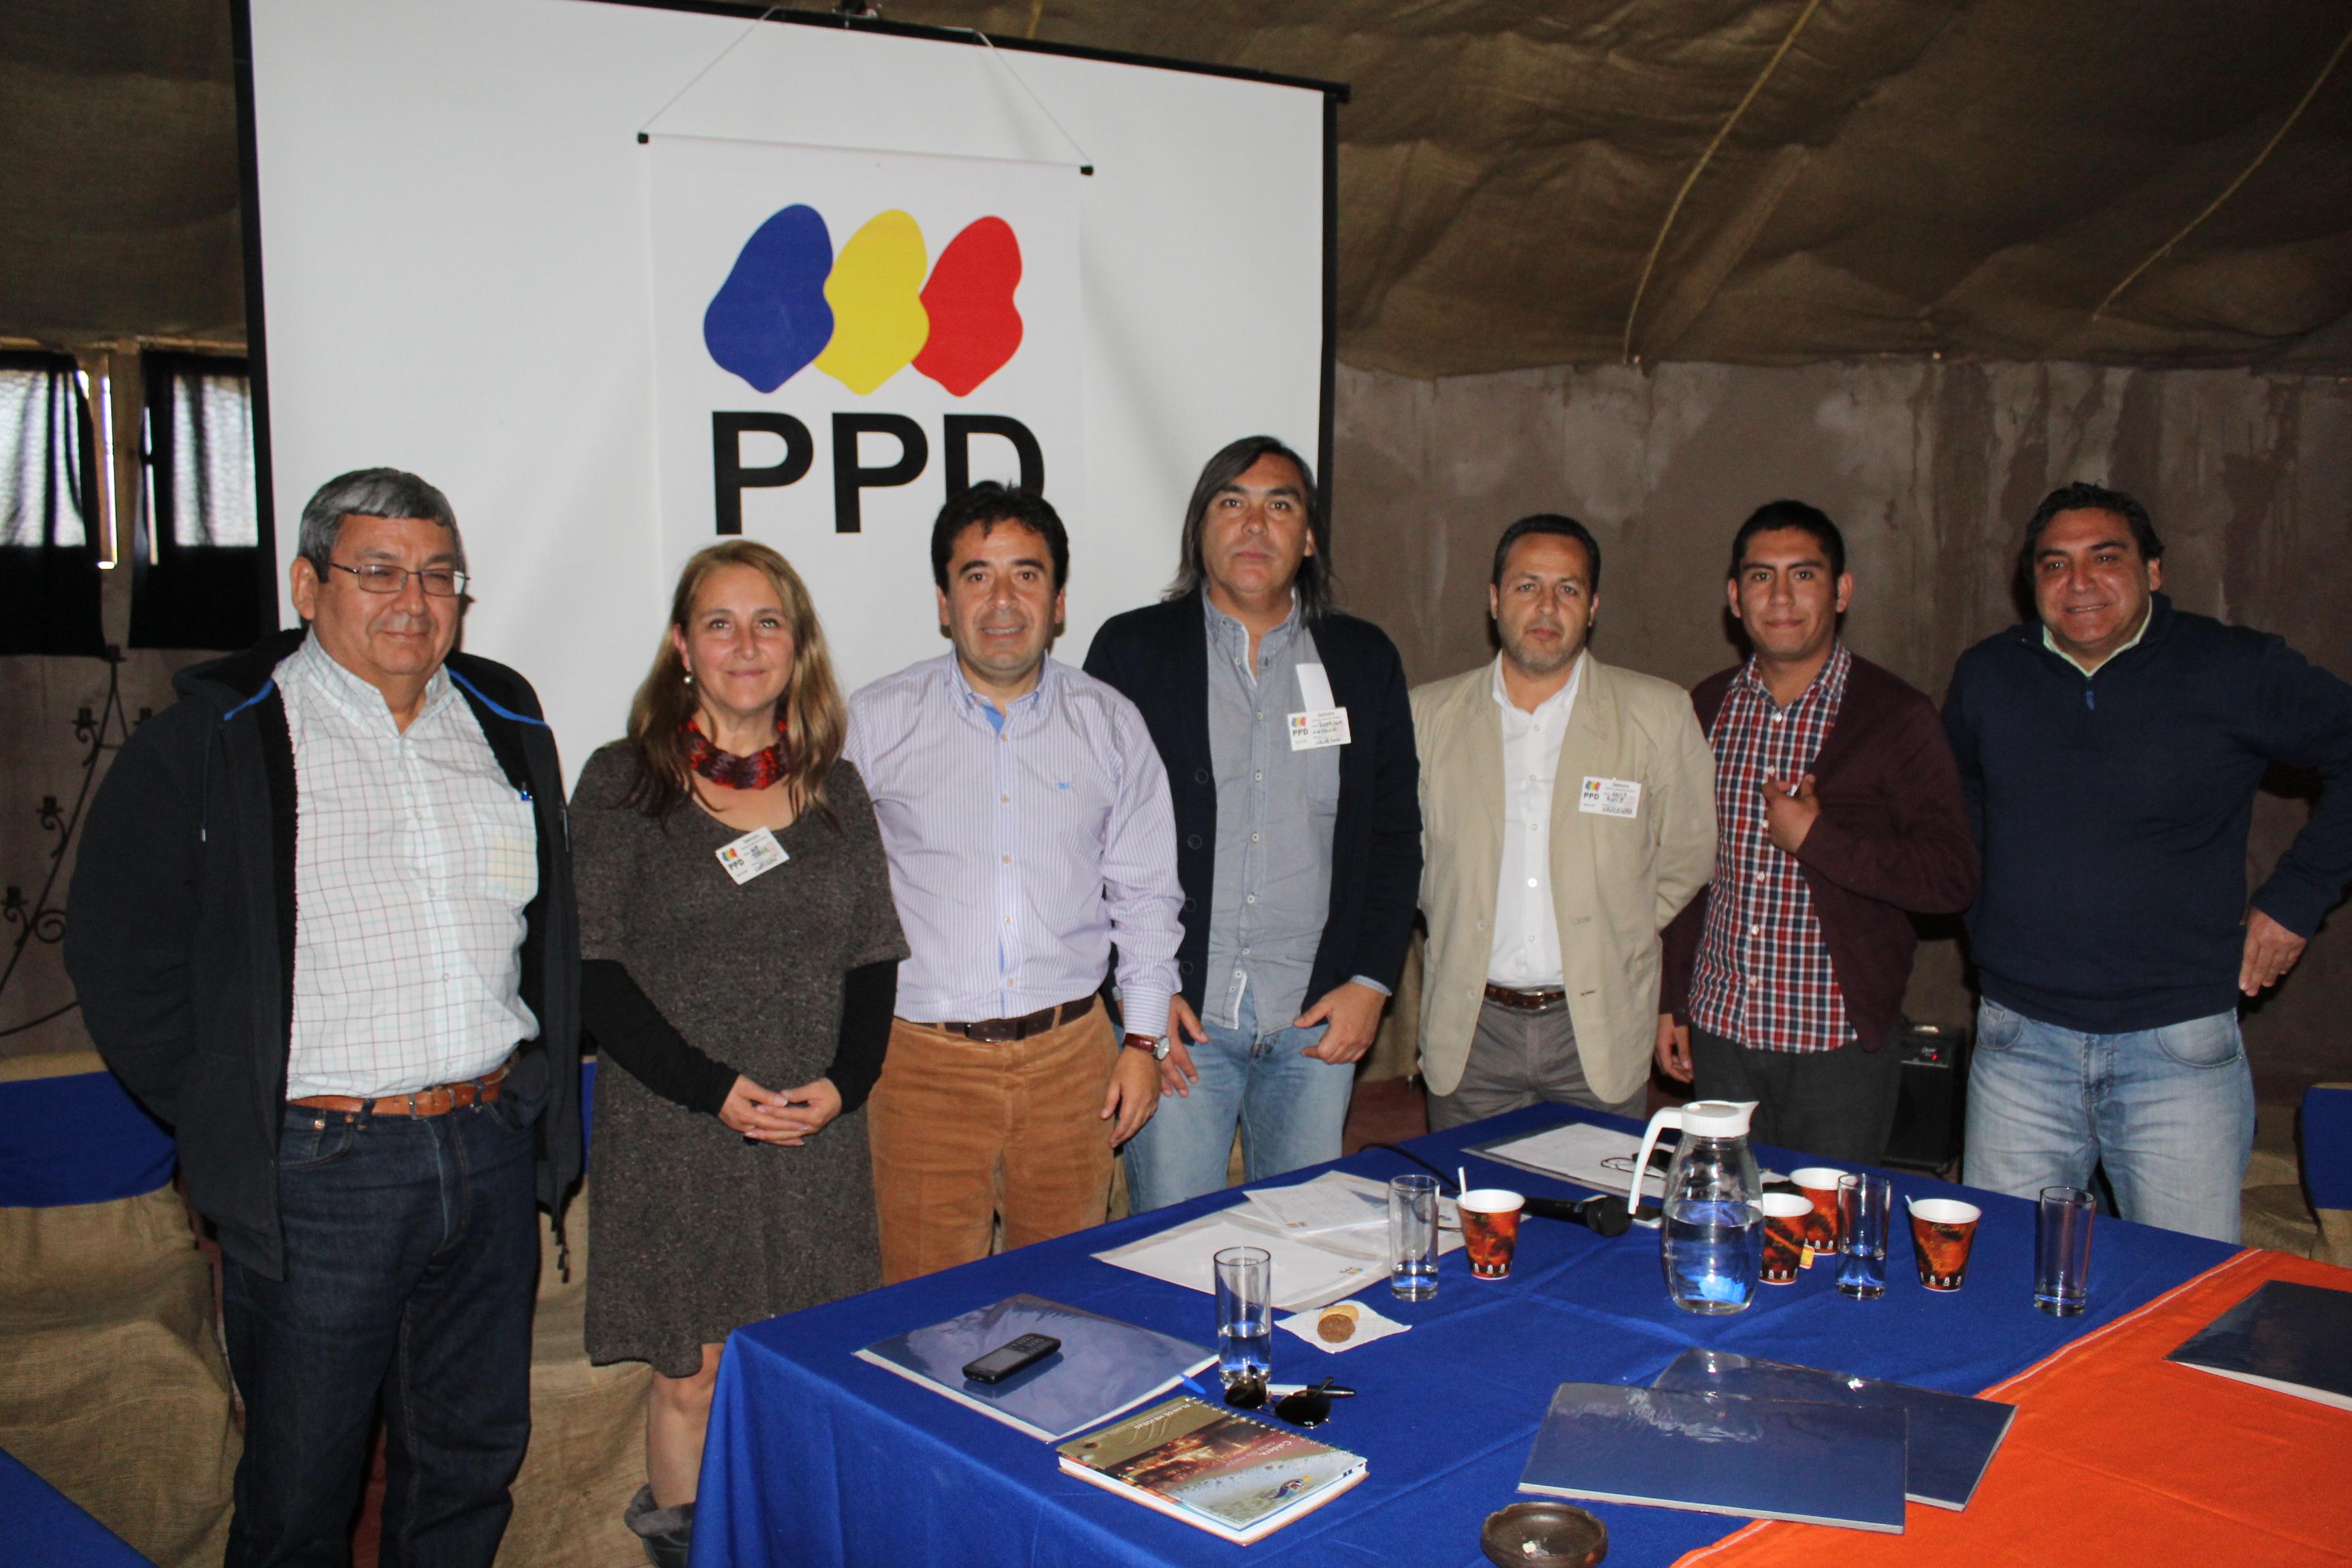 En Seminario del PPD Atacama el acuerdo fue apoyo irrestricto al Programa de Gobierno